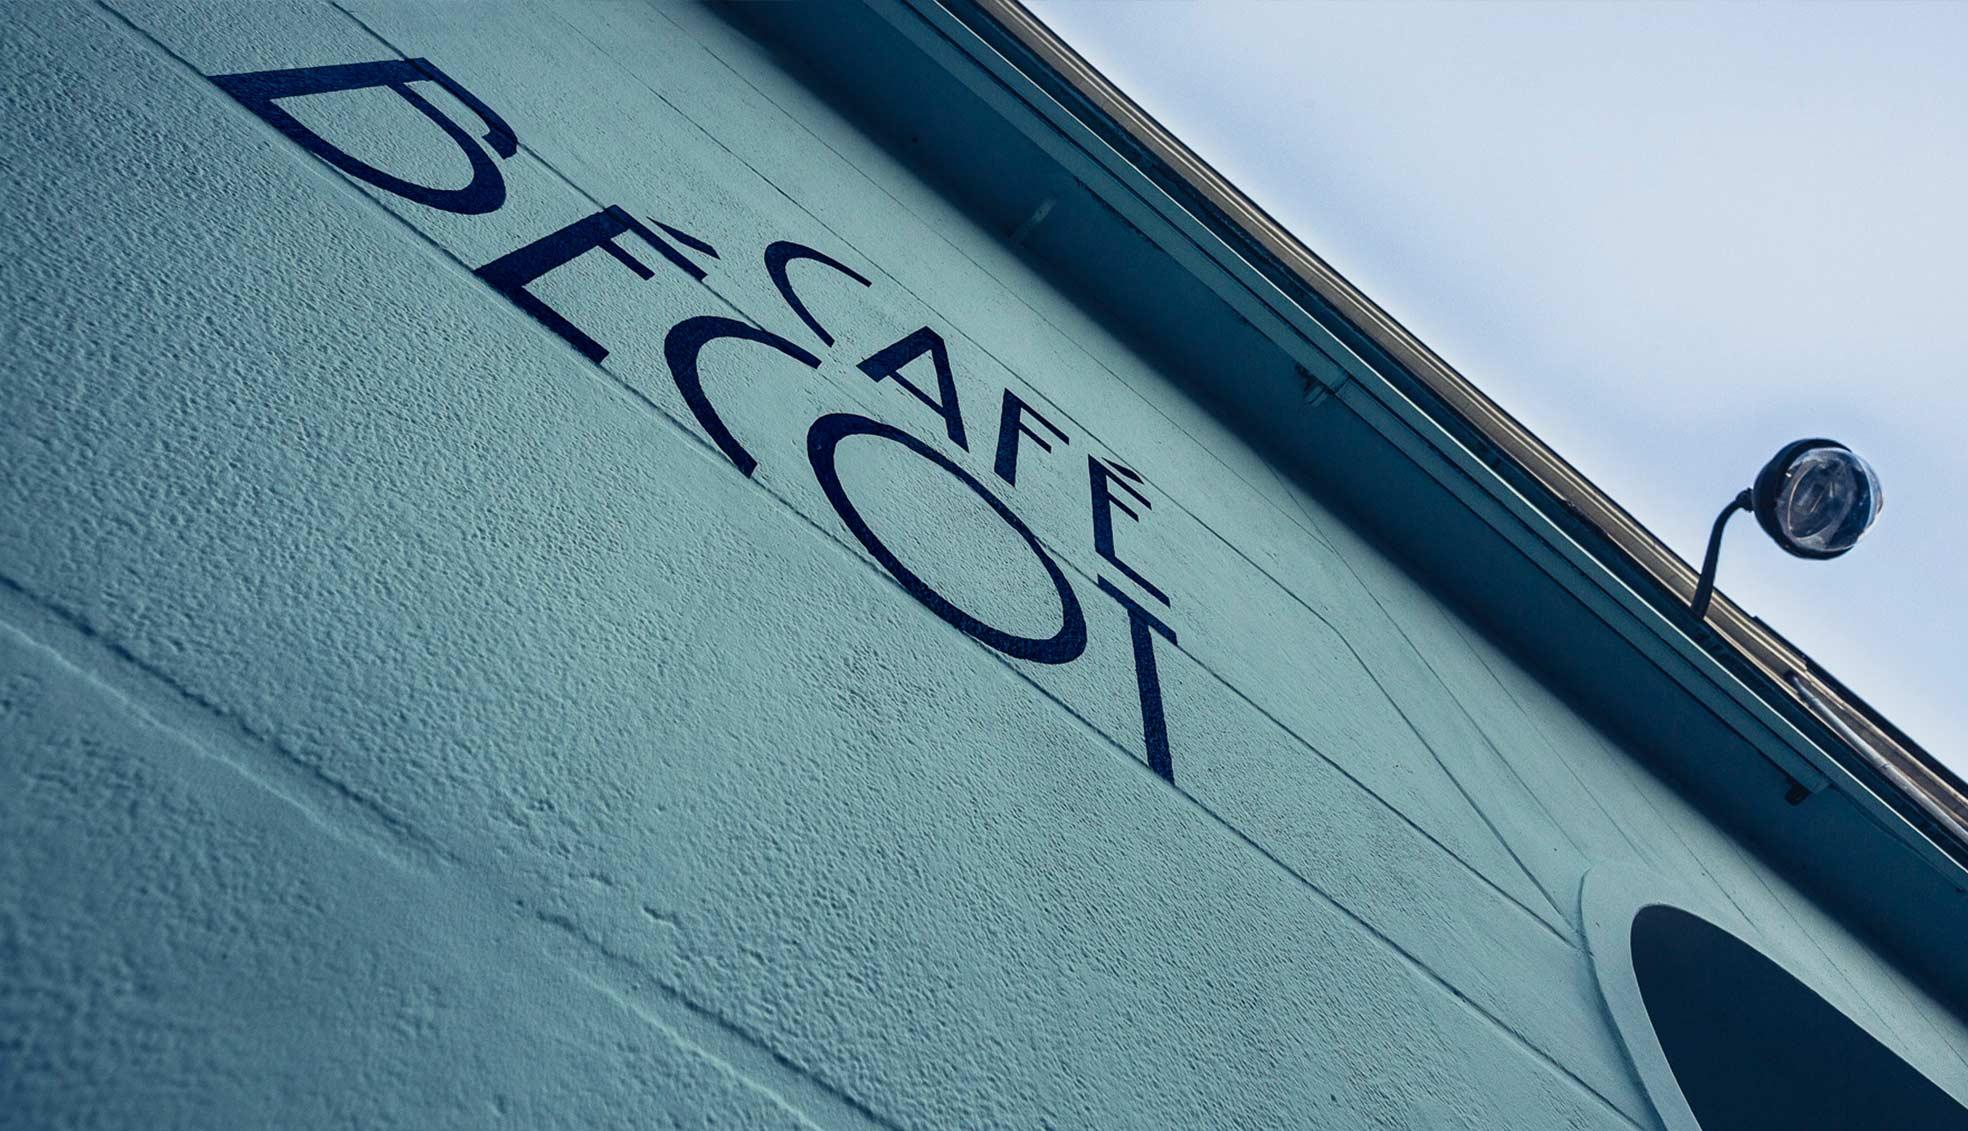 Coffeeshop identité café bécot